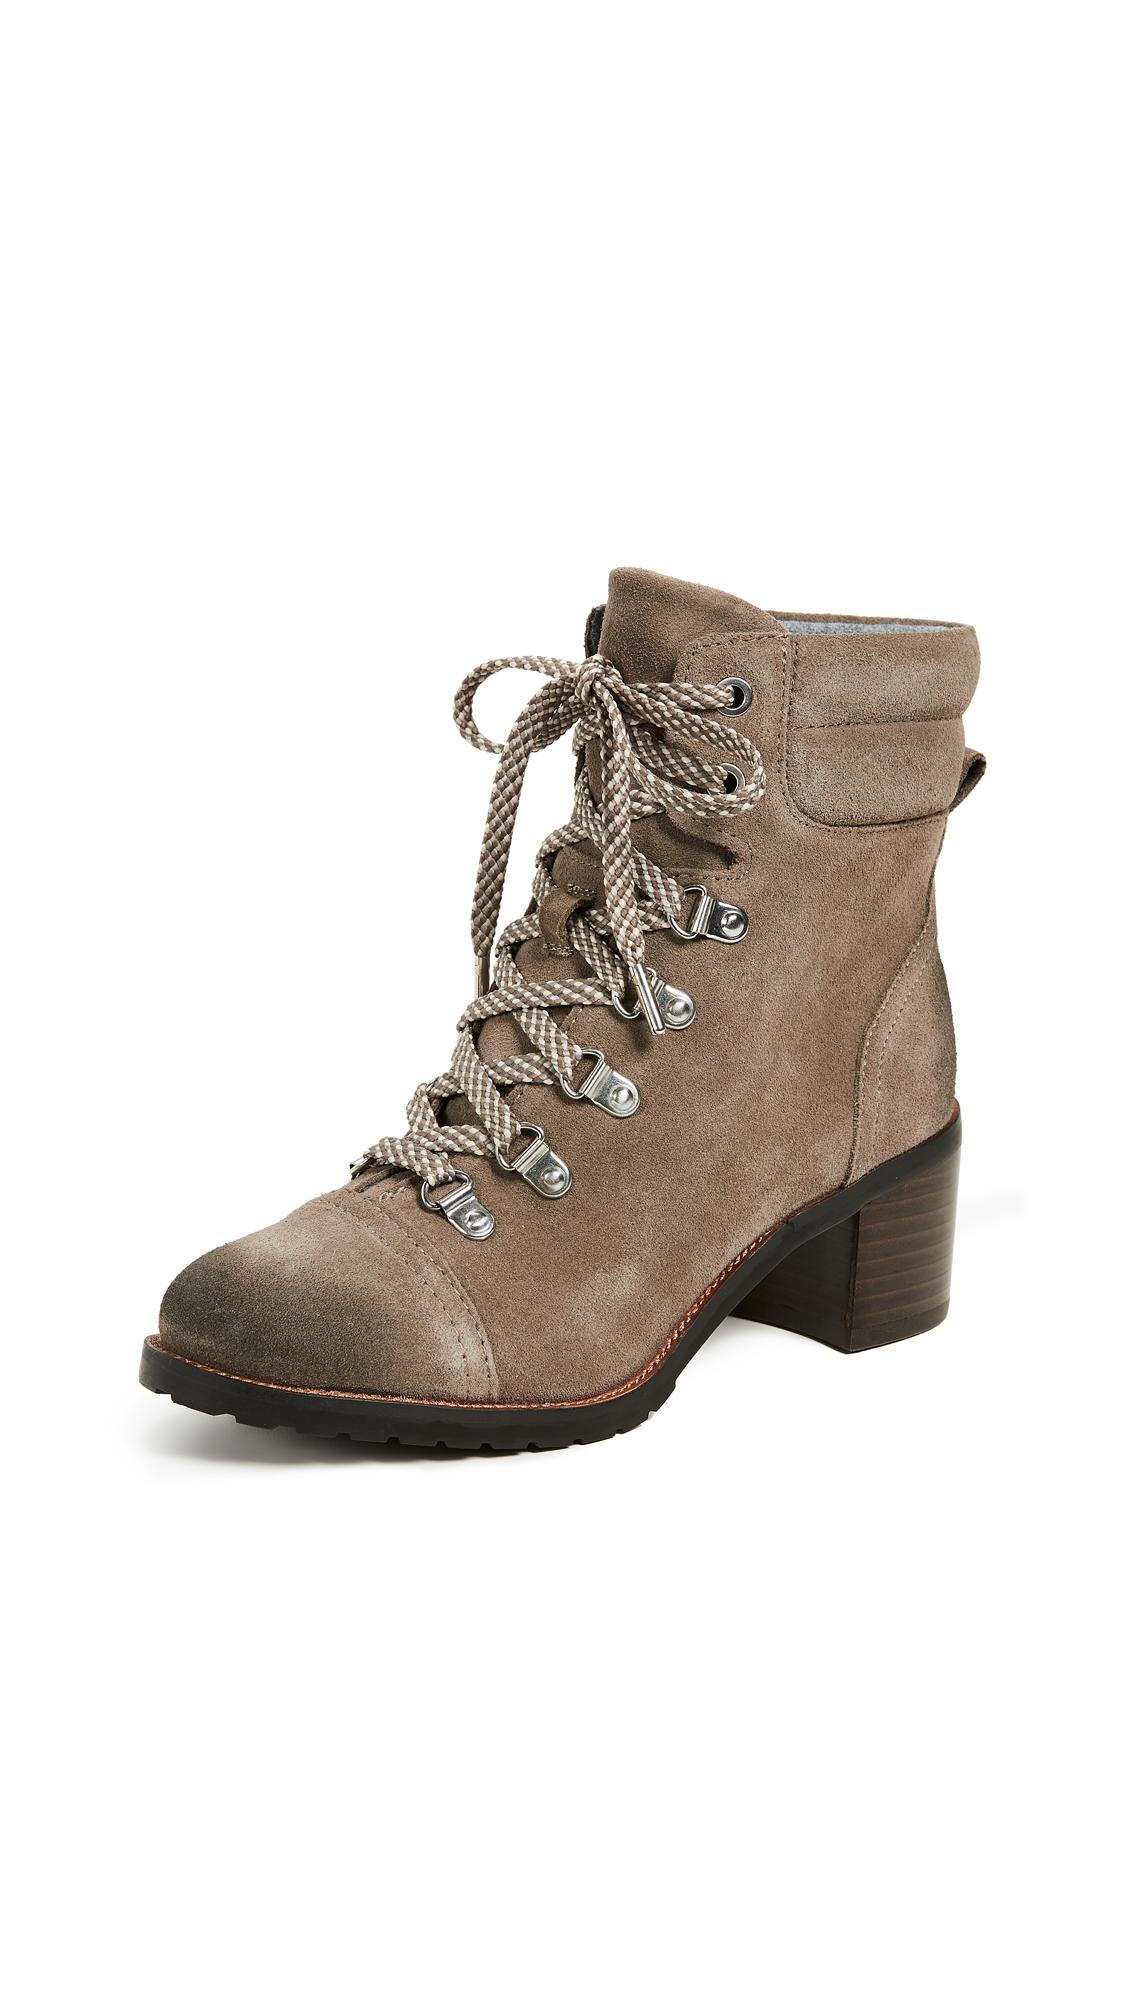 Sam Edelman Manchester Boots - Flint Grey